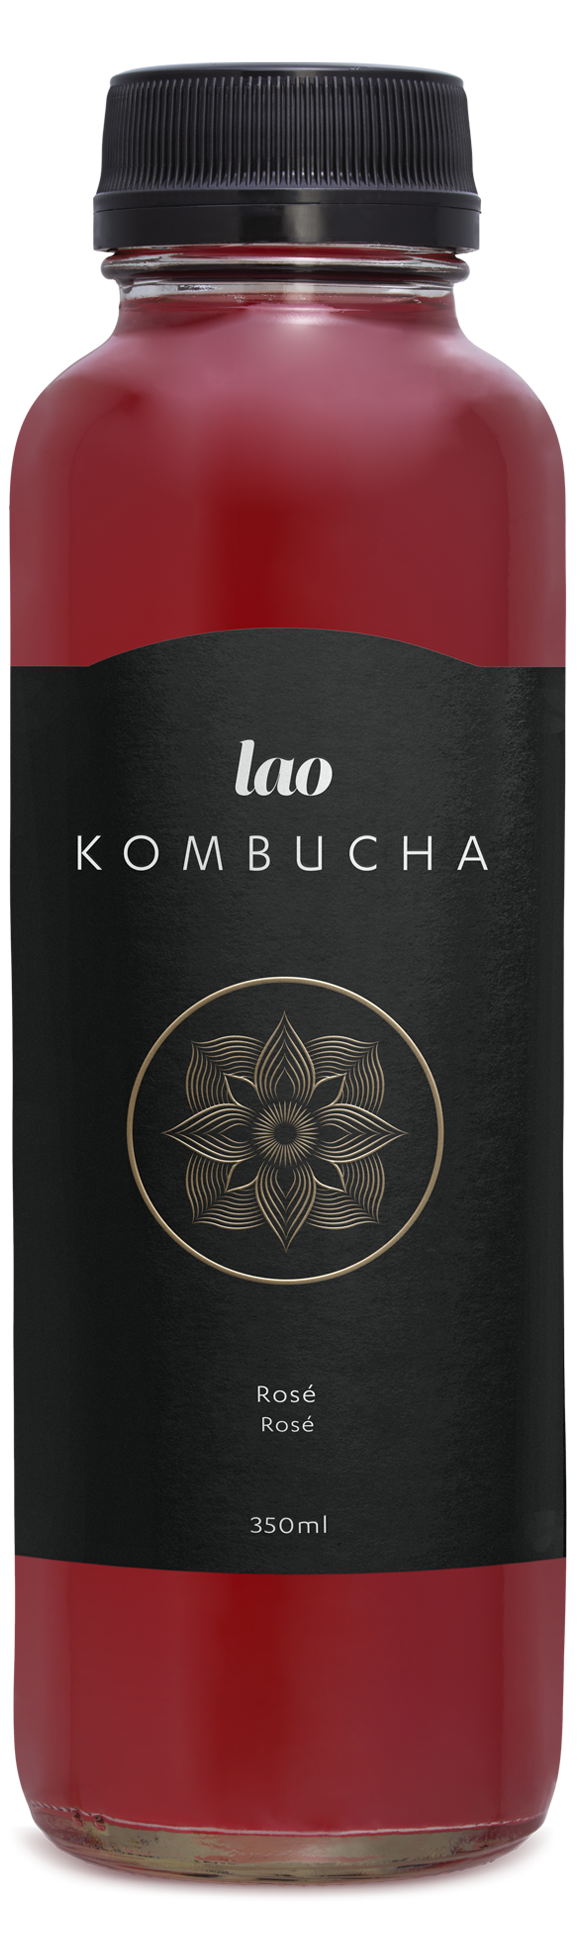 Lao Kombucha, thé vert, sureau, Qualité, Quebec, Montreal, meilleur, canada